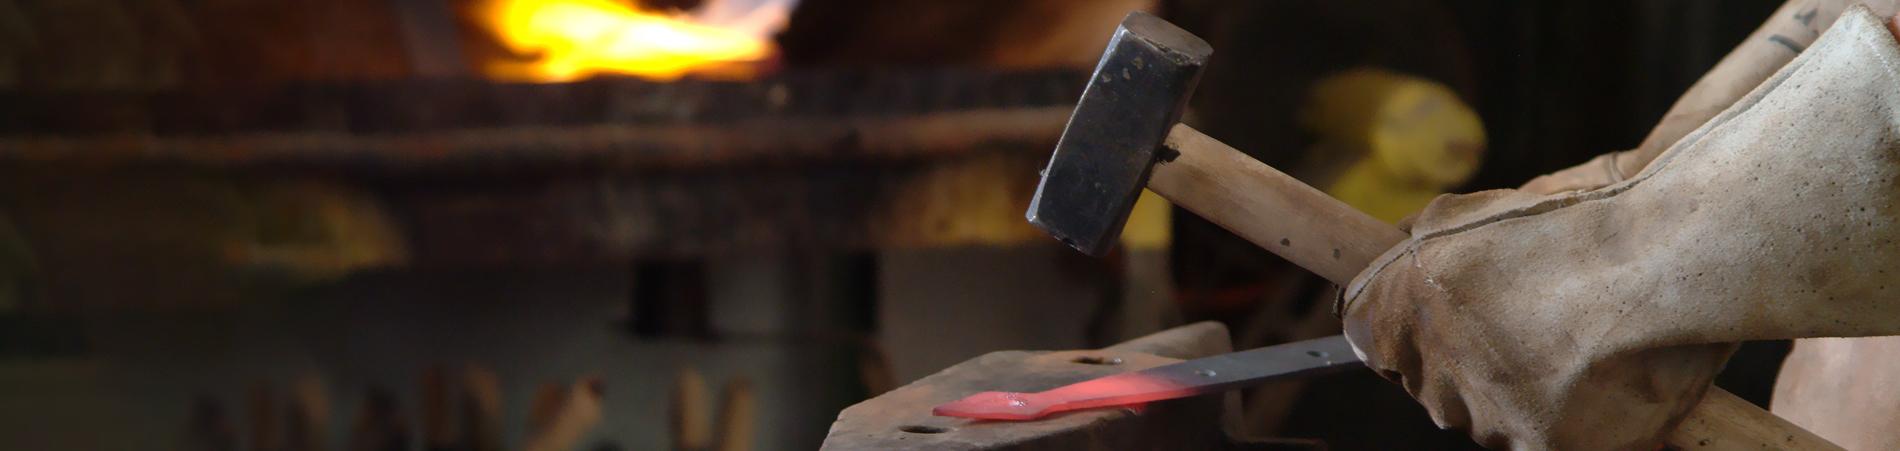 Fabricación de herrajes a medida